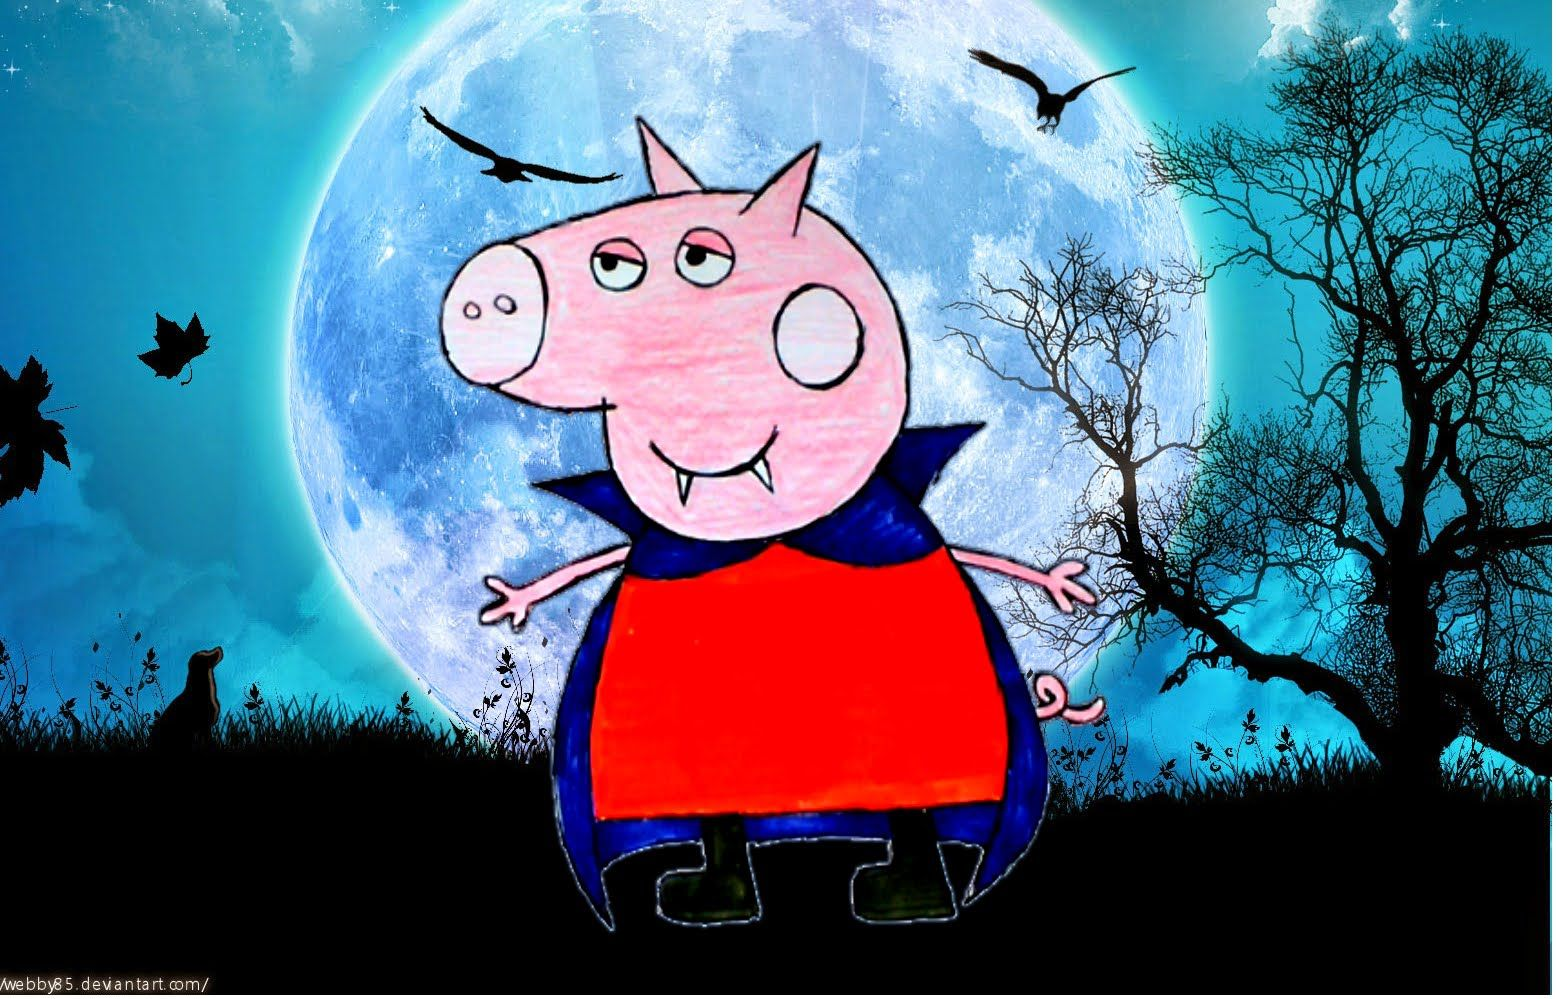 Peppa pig em Português brasil - Varios episodios 112 - Capitulos novo |  Completo Dublado Portugues | Video | Pinterest | Peppa pig em português,  Português ...